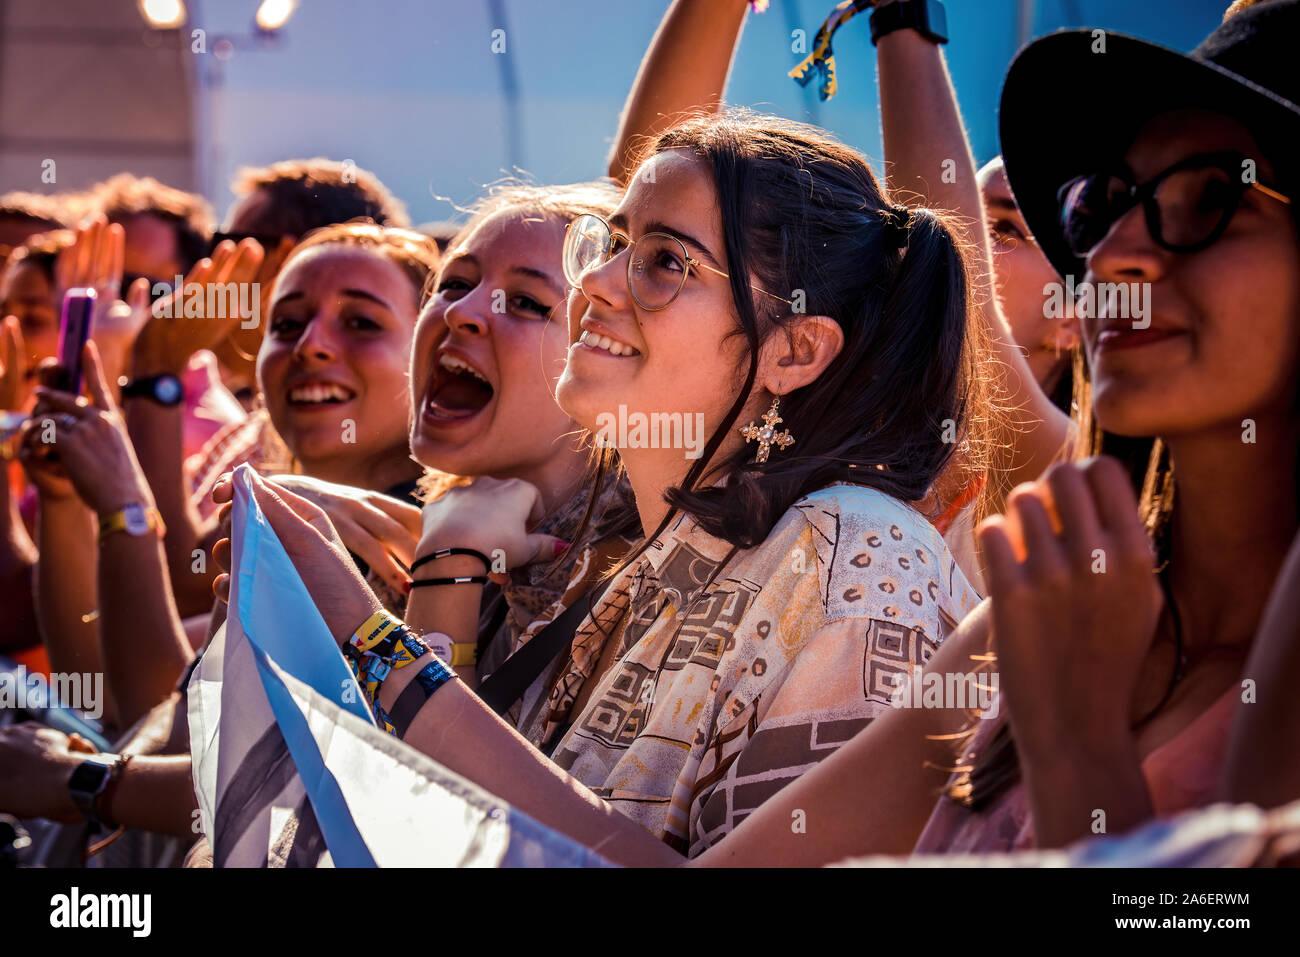 MADRID - SEP 7: les fans de musique dans un concert à Dcode Music Festival le 7 septembre 2019 à Madrid, Espagne. Banque D'Images